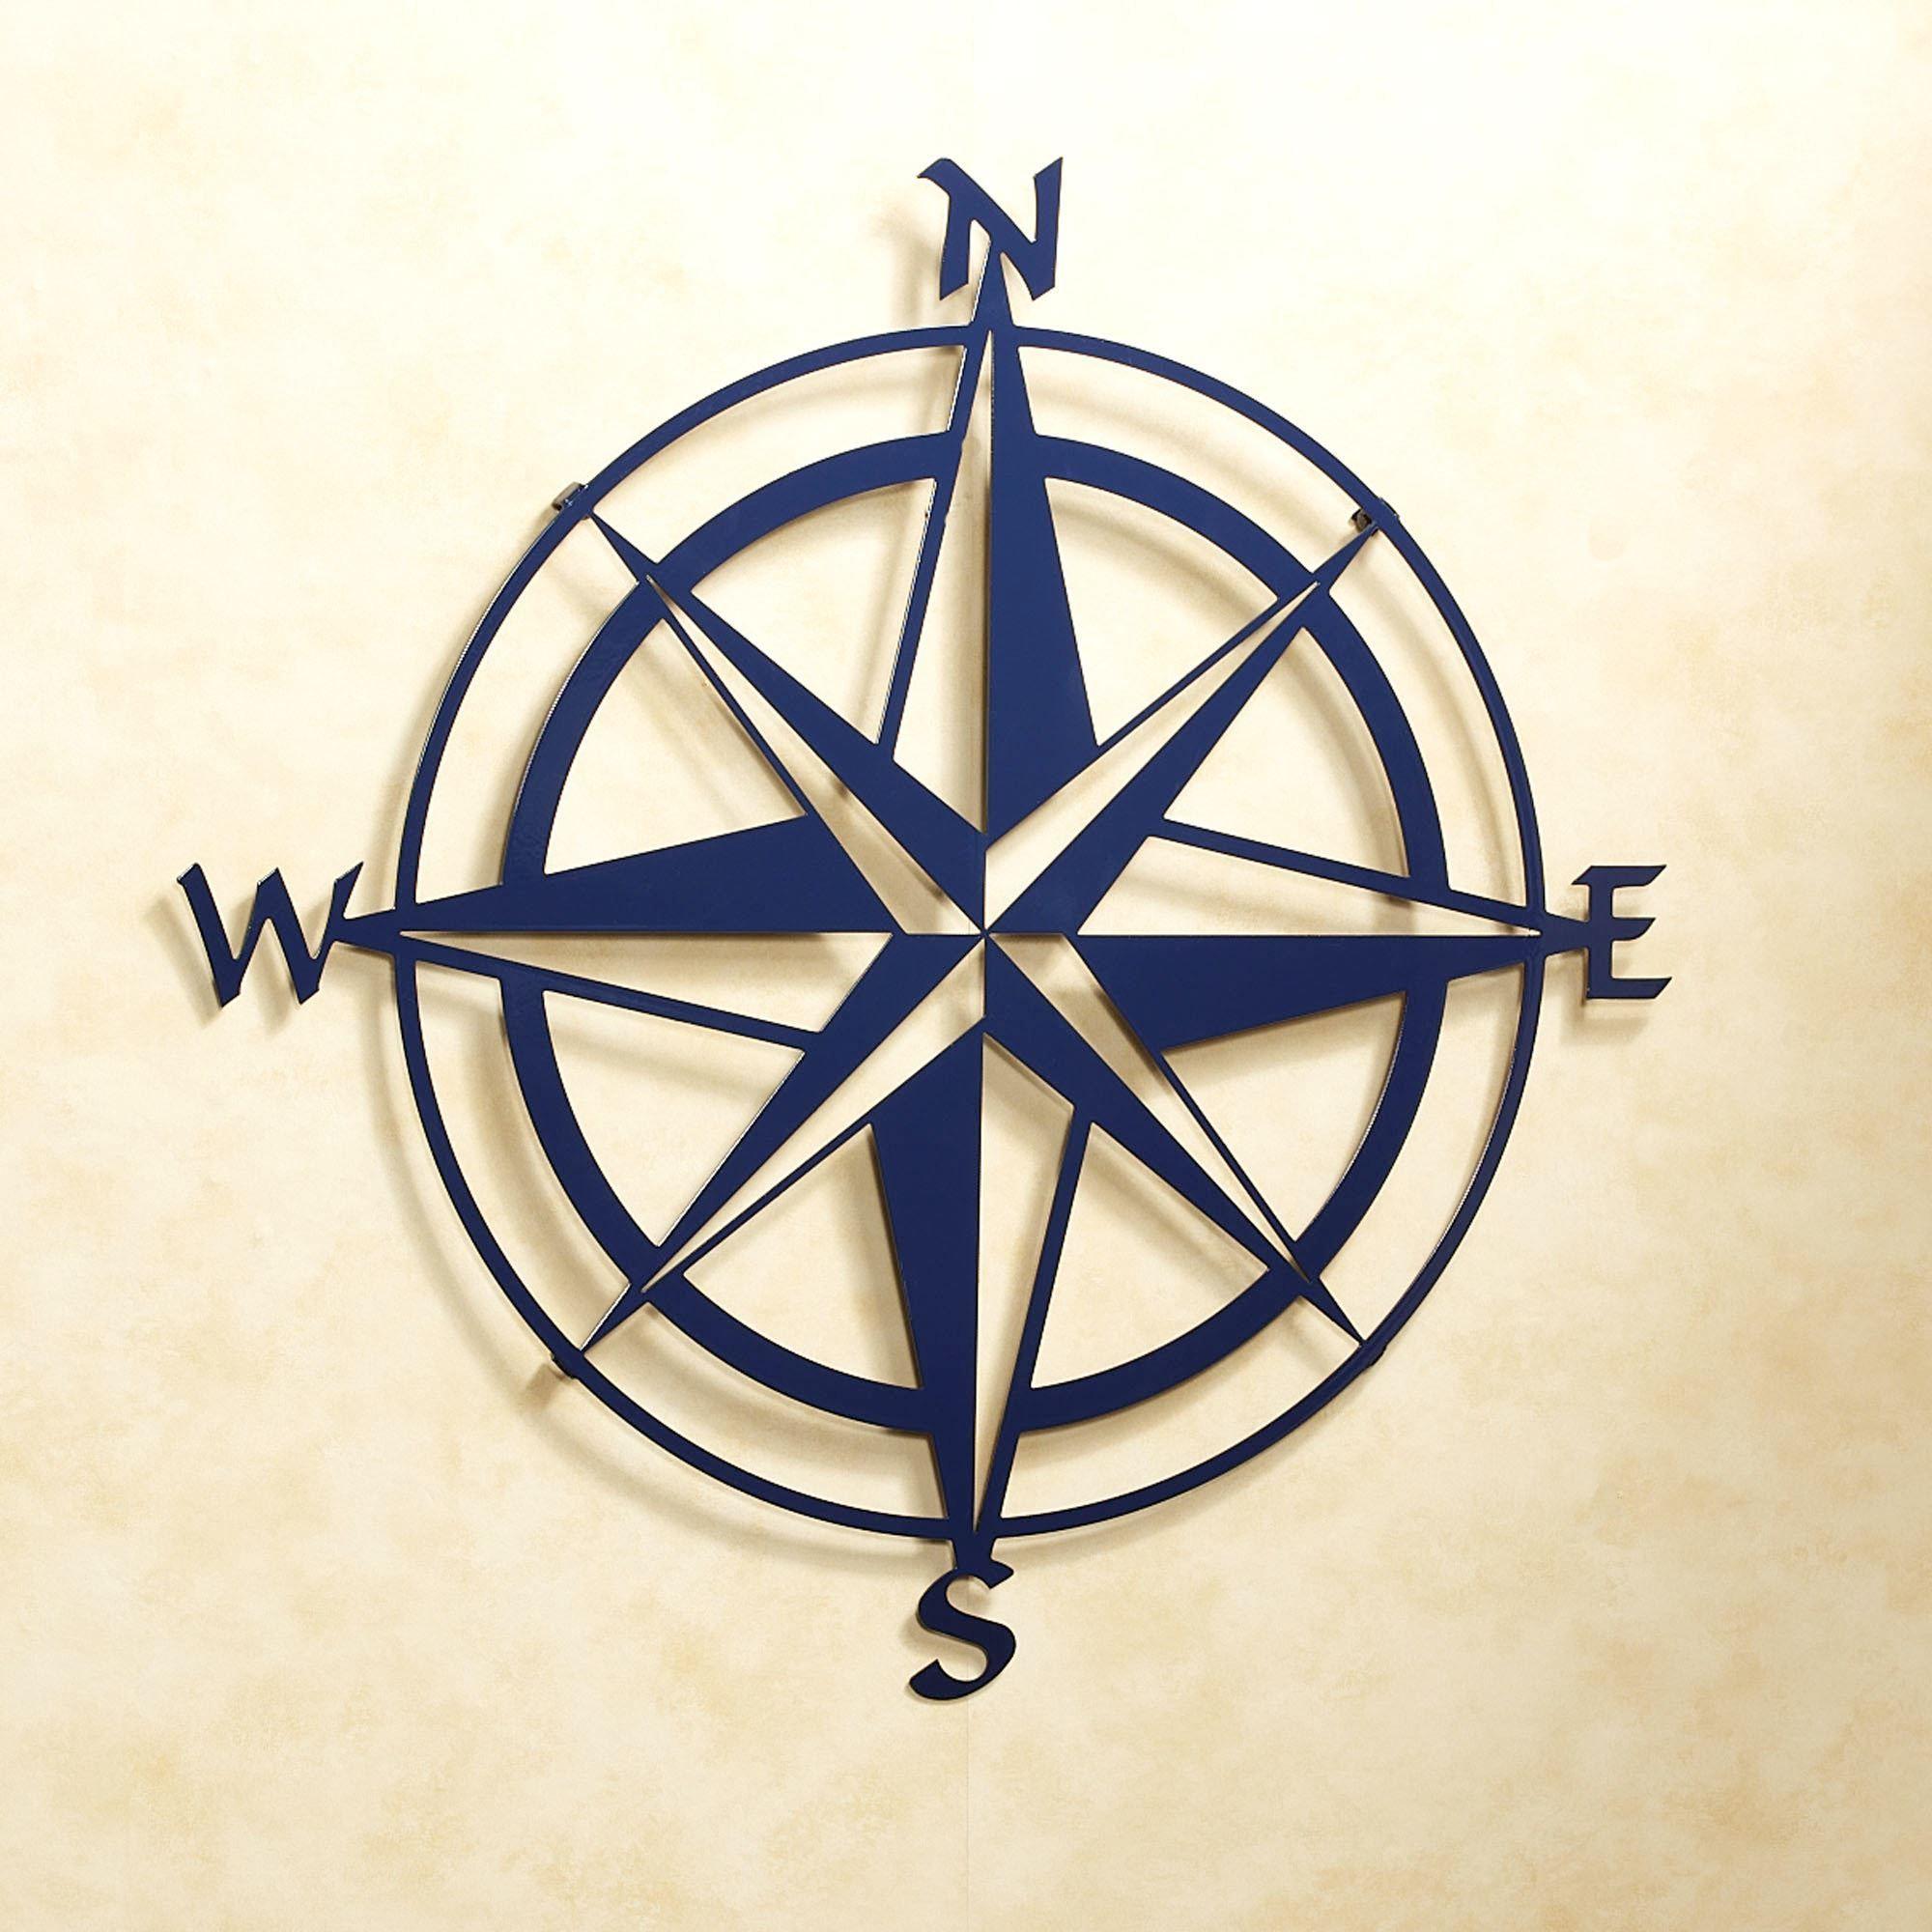 Compass Rose Indoor Outdoor Metal Wall Art | Stuff | Outdoor regarding Outdoor Metal Wall Compass (Image 11 of 30)